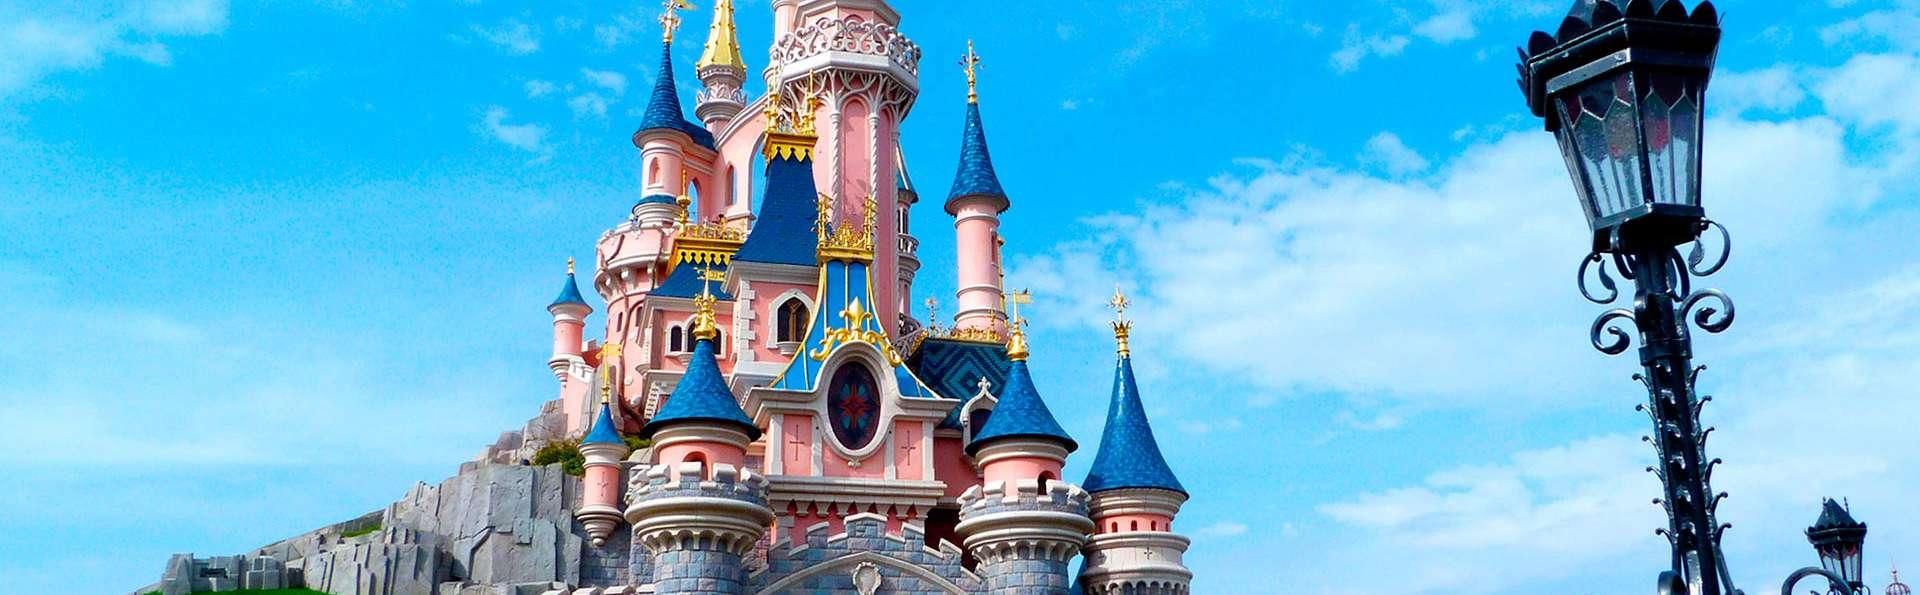 Séjour familial avec accès aux parcs Disneyland® Paris ( 2 jours / 2 parcs )